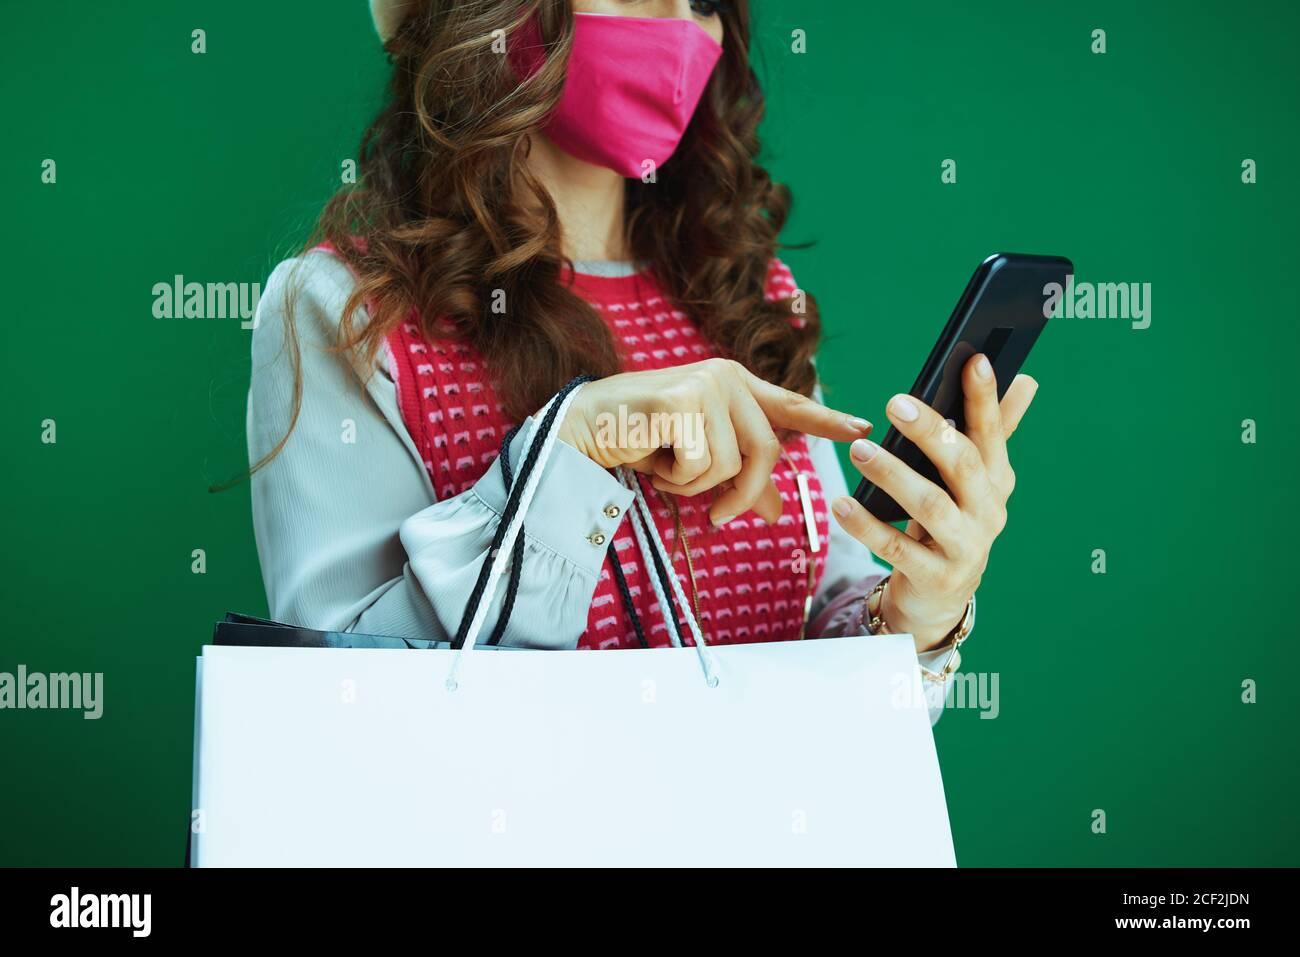 La vida durante la pandemia del coronavirus. Primer plano sobre la mujer comprador en bereta blanca con máscara médica rosa y bolsas de compras comprar en línea en un teléfono inteligente en gr Foto de stock